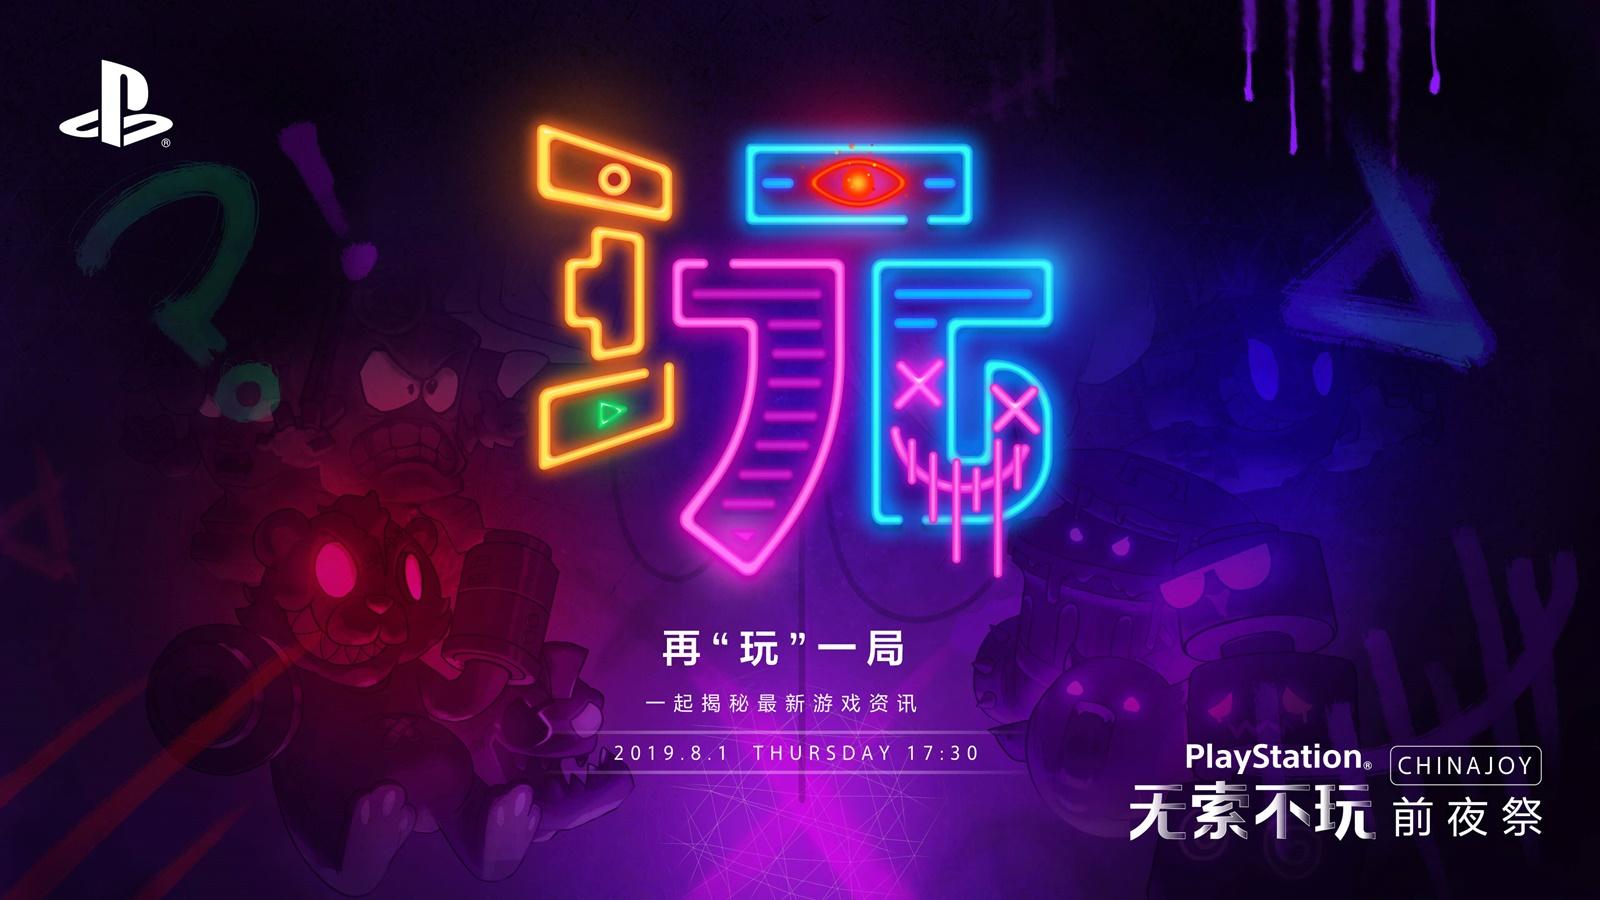 PlayStation anuncia conferência de duas horas para o ChinaJoy 2019